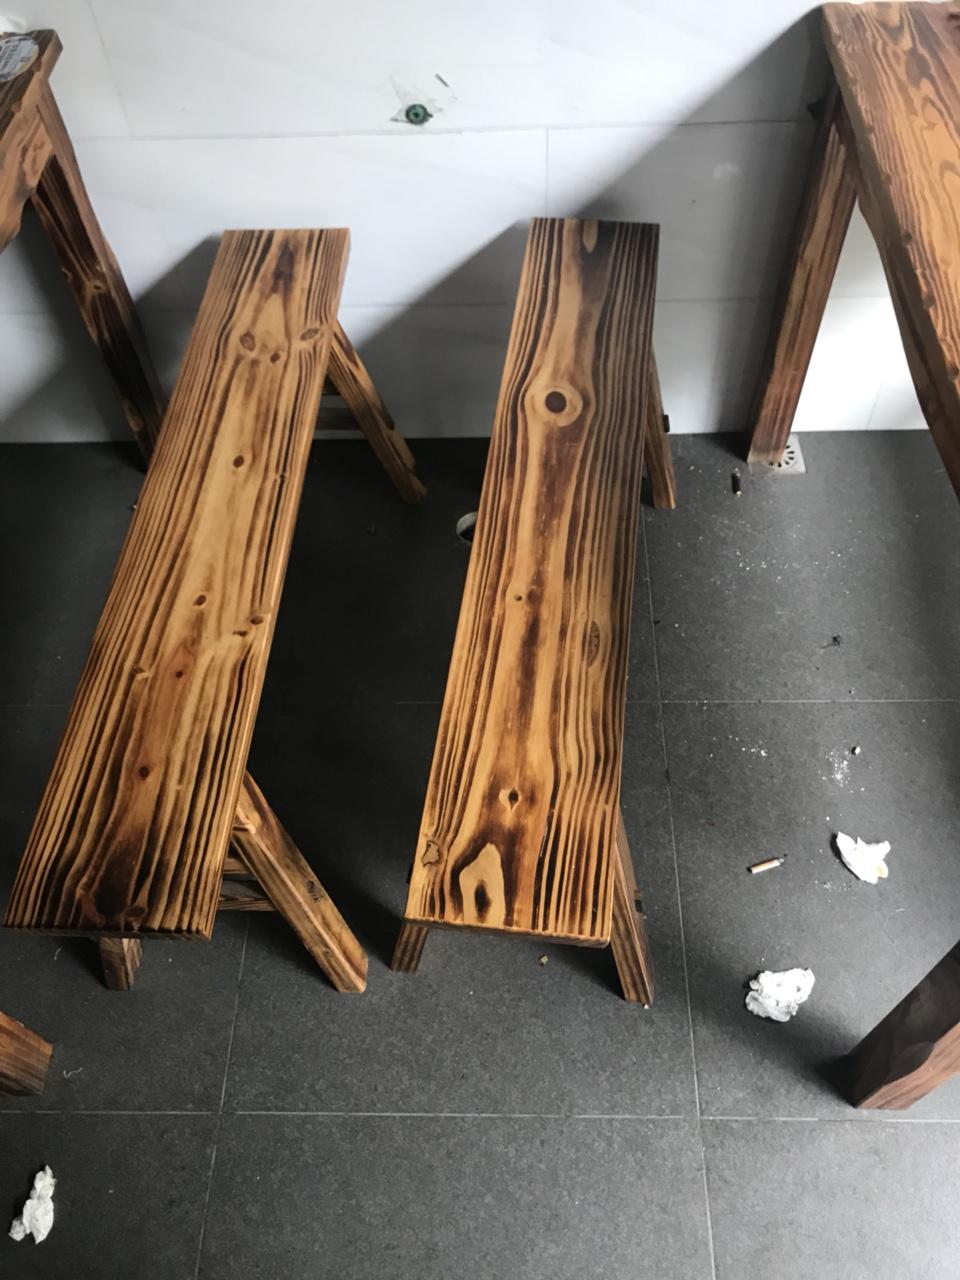 急售饭店桌椅几套!全部都是9成新! 当时花700一套买来的!现在便宜澳门拉斯维加斯在线注册